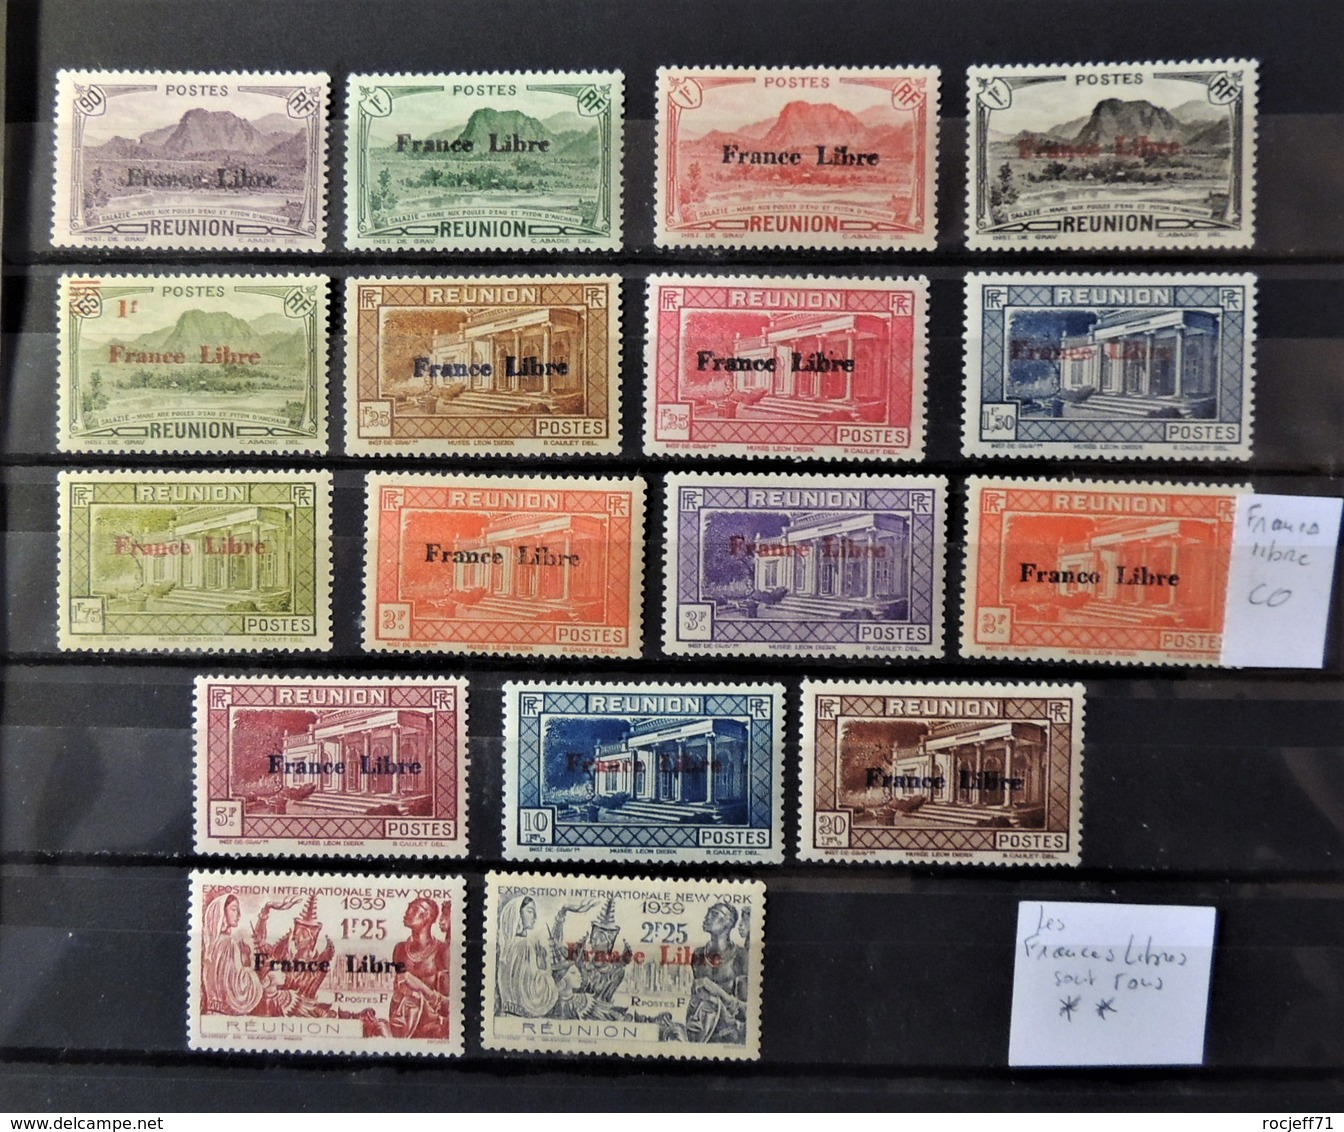 Réunion - 30 Scans - Superbe Collection Depuis 1885 // Poste + PA + Taxe + CFA - France Libre Tous **  Cote : 2200 Euros - Stamps